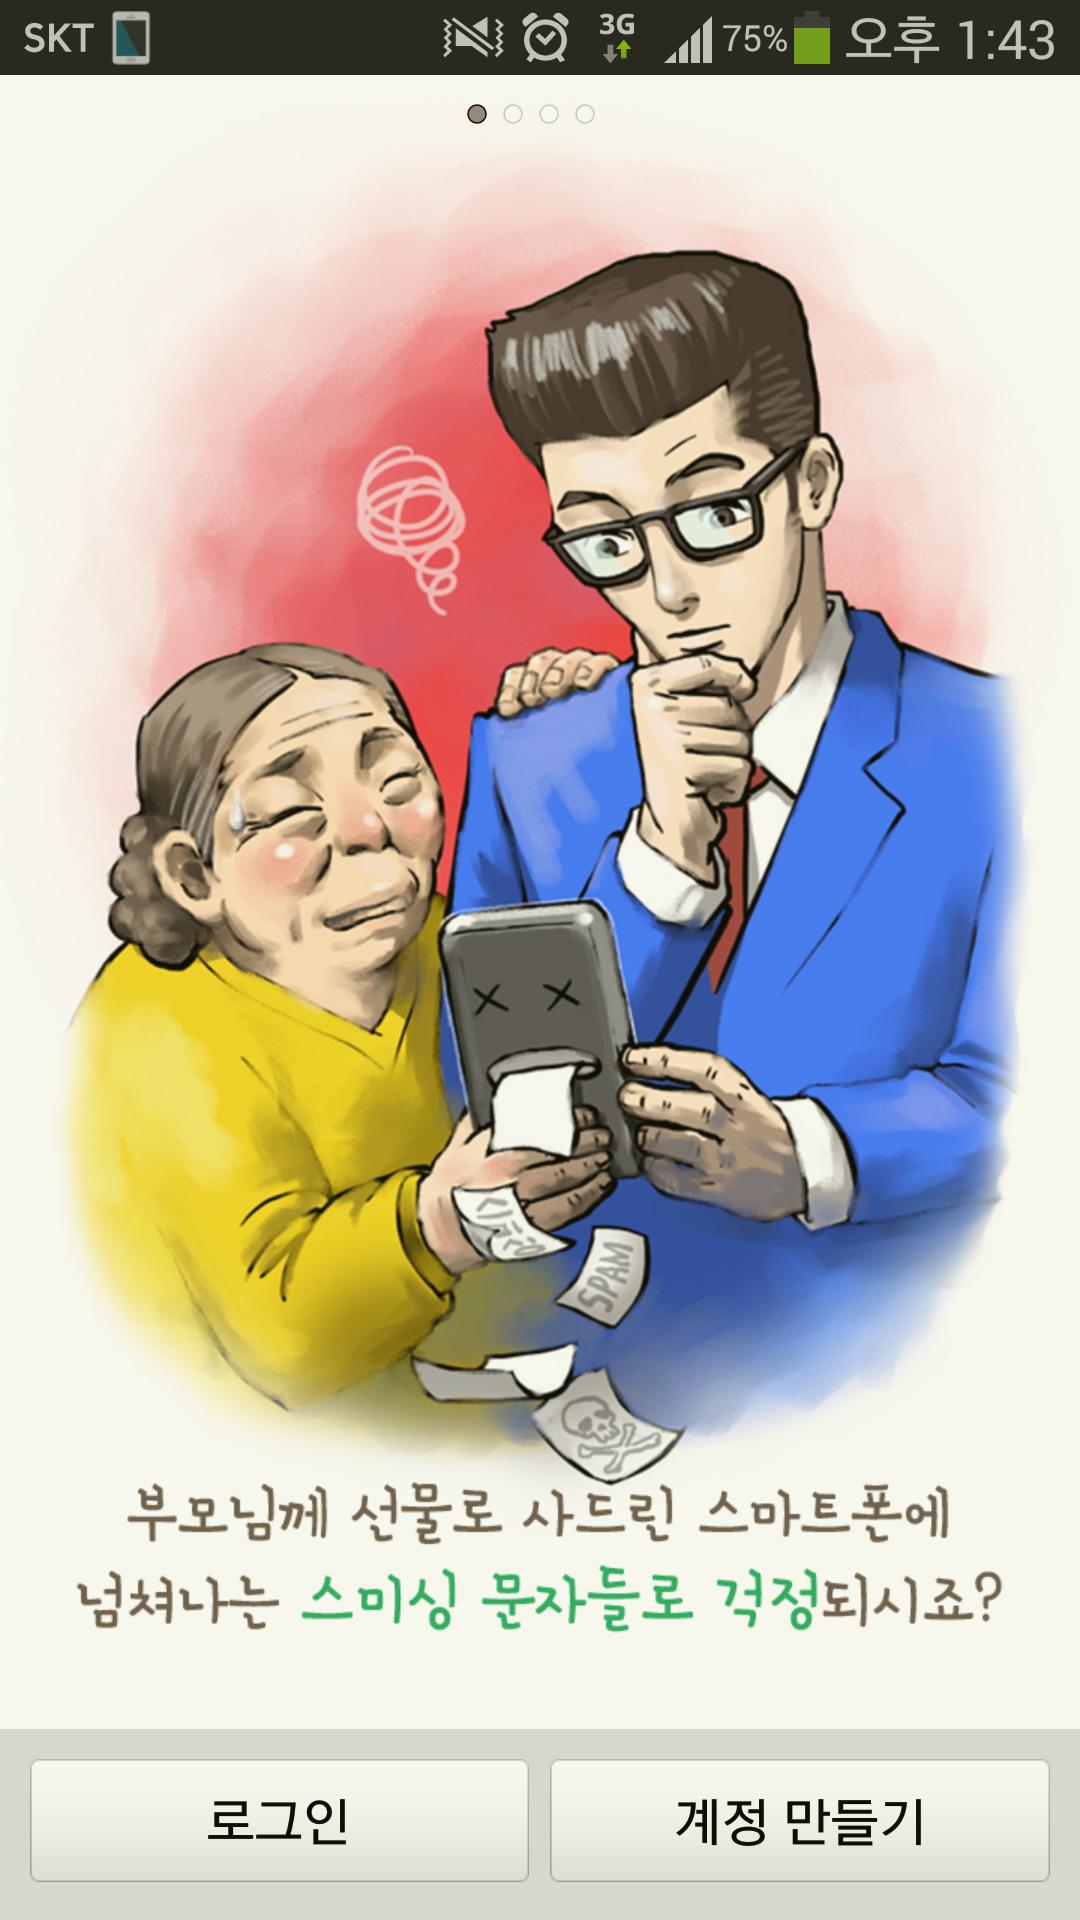 패밀리가드, 스미싱보호, 악성코드, 가족 보호 스마트폰 백신, 스마트폰 백신, IT, 백신 앱,패밀리가드는 스미싱보호 악성코드 백신 검사를 해서 가족 스마트폰을 안전하게 보호하는 앱 입니다. 저에게 딱 필요한 앱인데요. 부모님과 떨어져 지내는 분들 그리고 부모님이 스마트폰에 익숙하지 않은 분들에게 딱 좋은 앱입니다. 요즘 개인정보 유출로 이야기가 많으니까요. 패밀리가드는 국내 최초로 원격 치료가 가능한 모바일 백신 입니다. 저도 이런 앱이 있으면 좋겠다고 생각을 했던적이 있습니다. 스마트폰 백신 패밀리가드의 사용 방법은 이렇습니다. 패밀리가드를 제가 먼저 설치합니다. 그 후 가족을 앱에서 추가합니다. 가족이 많다면 더 추가할 수 있는데 추가로 한명까지는 무료이며 나를 포함한 3명 이상부터는 일정 비용이 들어가긴 합니다.  패밀리가드를 제가 실행 후 가족을 선택 한 뒤, 악성코드 검사를 누르면 제가 가족의 스마트폰을 원격으로 악성코드를 검사할 수 있습니다. 스미싱 악성 앱이 설치되어있거나 또는 위험요소가 있을 경우에는 경고를 해줍니다. 저에게도 해주고 상대방에게도 알릴 수 있죠. 저도 가끔은 부모님이 화면에 이런게 떳는데 어떻게 하느냐 라고 물어보시면 제가 그화면을 볼 수가 없으니 그 화면을 찍어서 보내달라고 하기도 하는데요. 스마트폰은 편리한 대신 아주 손쉽게 여러가지 앱을 설치하면서 엉망이 될 수 도 있습니다. 이것을 제가 뒤에서 지켜볼 수 있게 되는것이죠. 개인정보가 아직은 주민등록번호 기반으로 되어있고 그런 이유로 손쉽게 개인정보를 찾은 뒤 전화를 걸거나 문자를 보내서 또는 악성코드가 있는 앱을 몰래 설치하게 해서 피해를 입기도 하는데요. 이것을 이제 좀 더 적극적인 자세로 보호할 수 있습니다. 그럼 살펴볼까요.